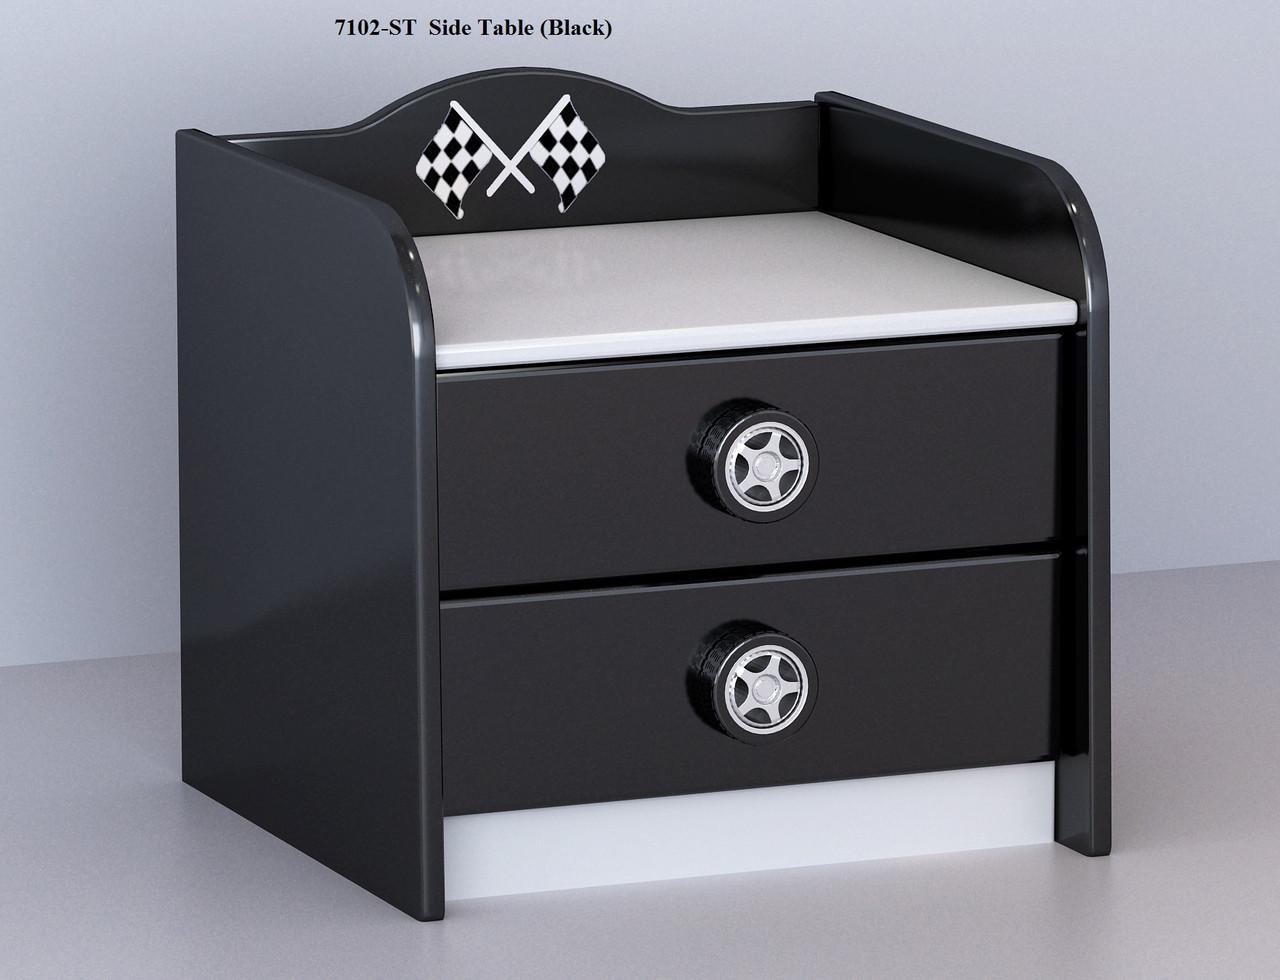 F1 Bedside Table Black